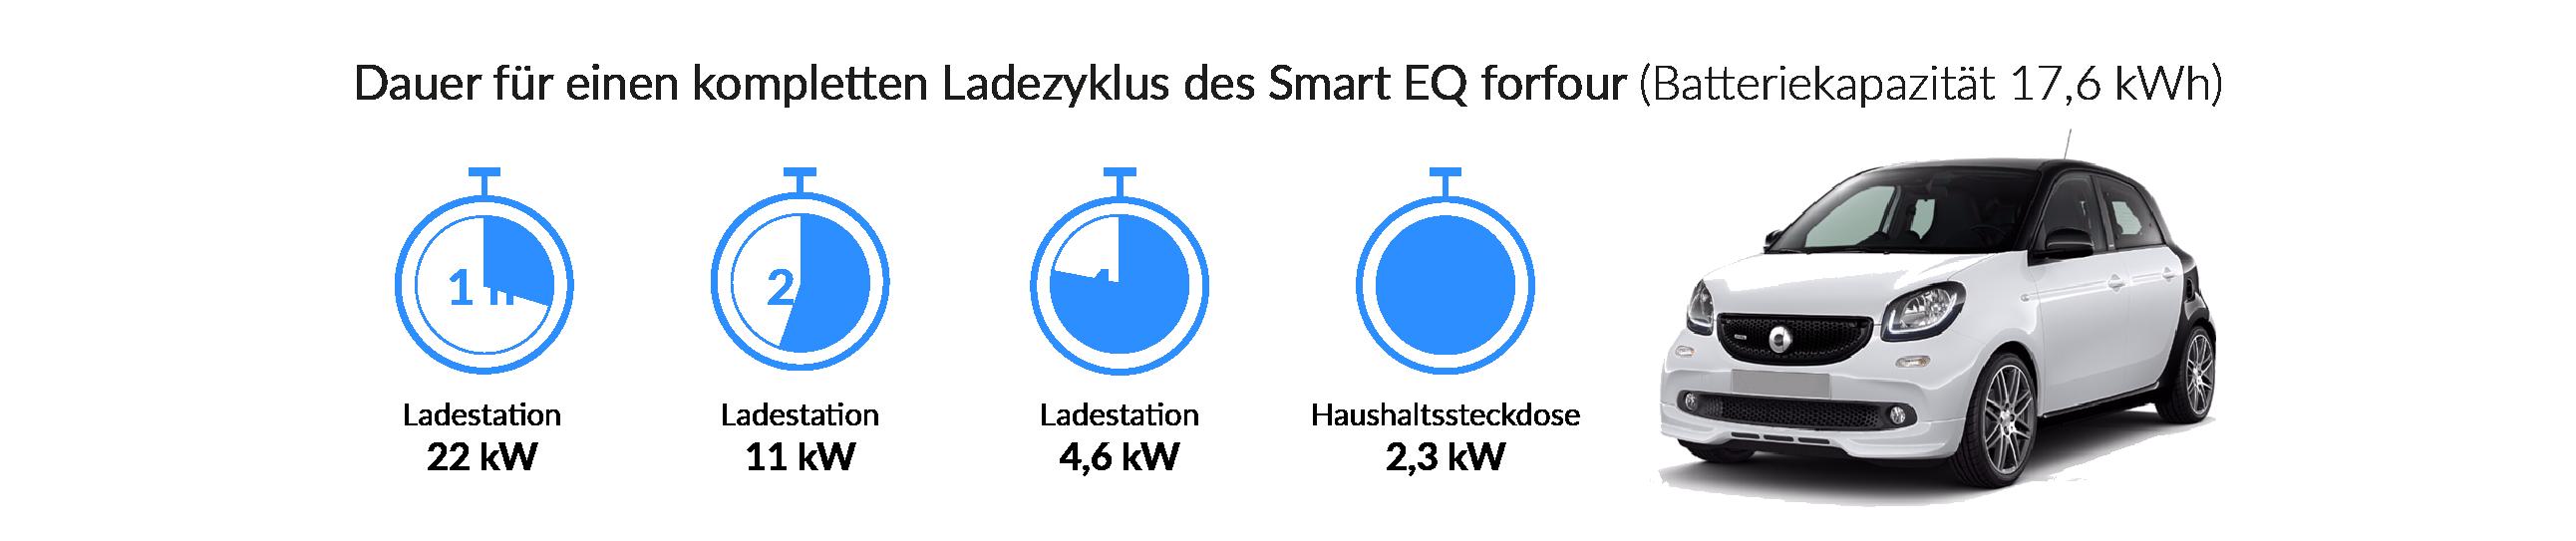 Ladezeiten des smart EQ forfour